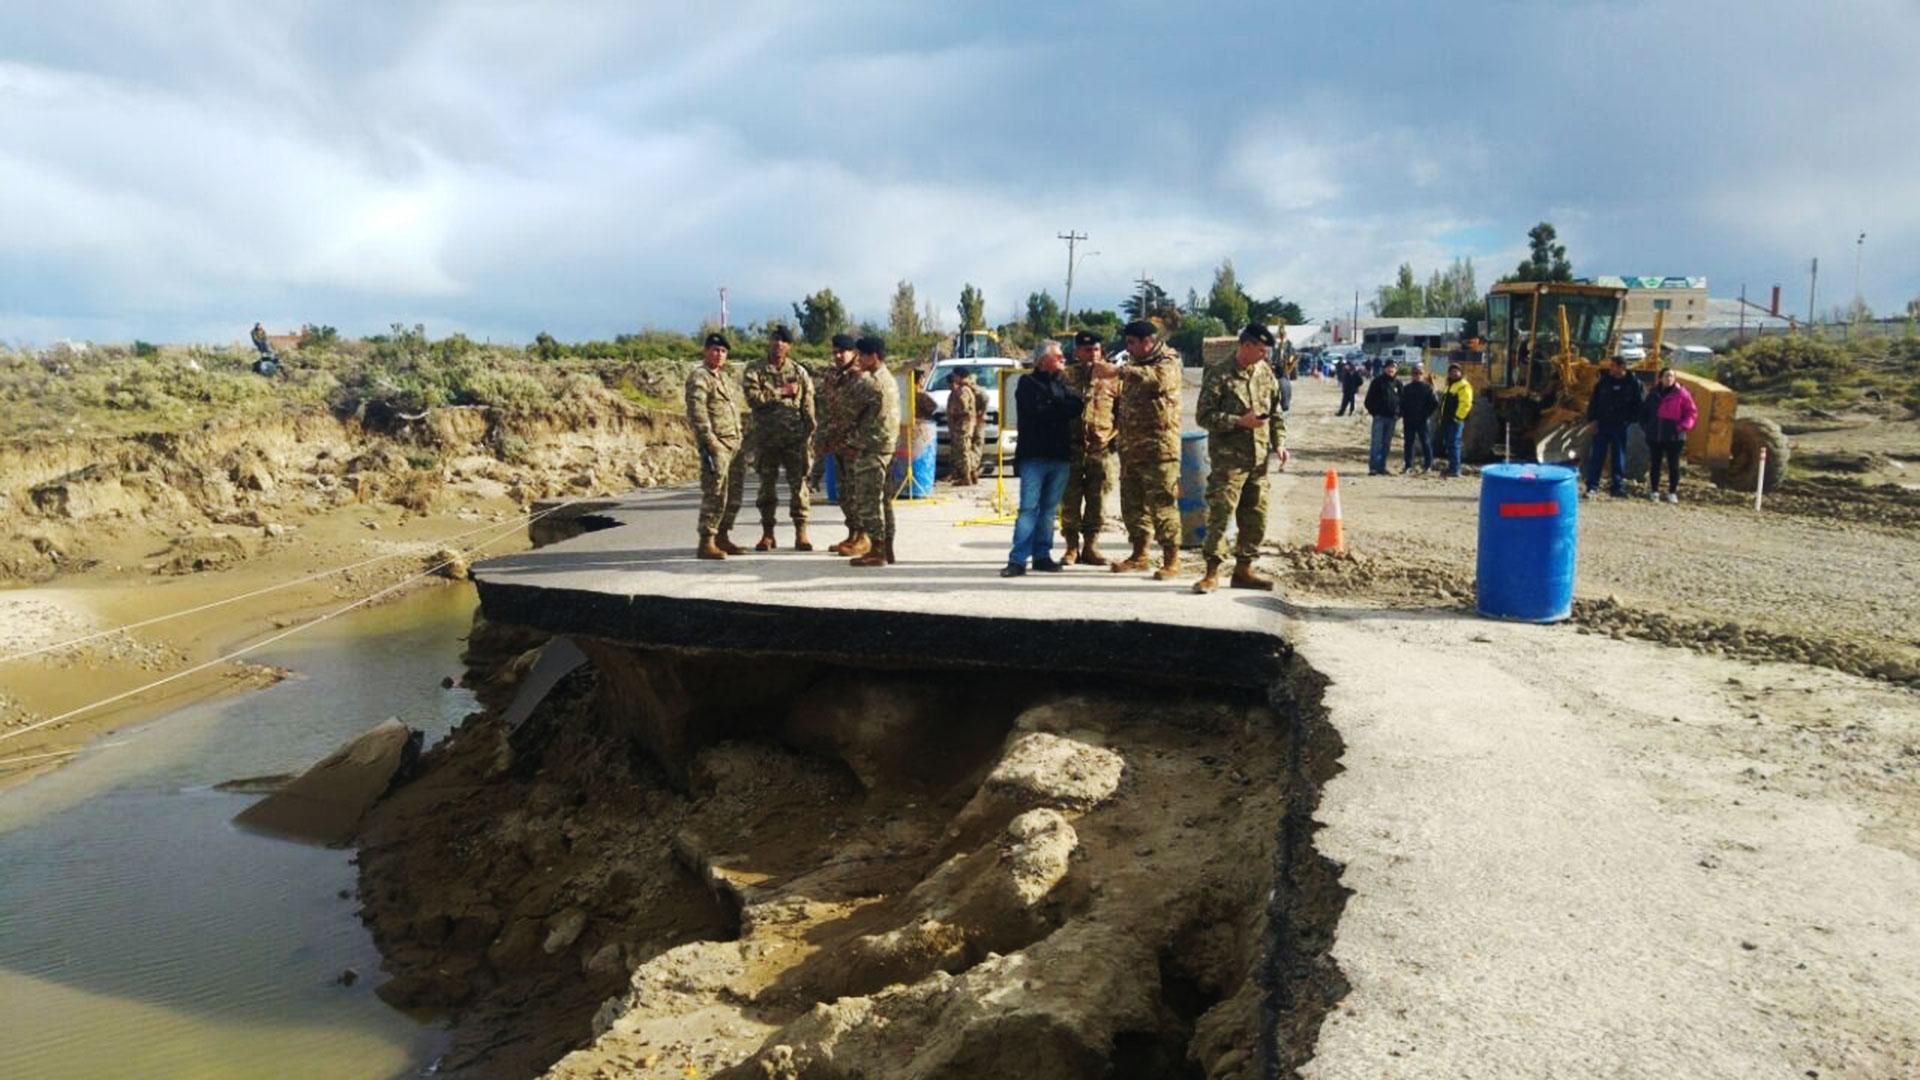 Chubut, La Pampa, Santiago del Estero, Catamarca, Tucumán, Salta y Jujuy se vieron afectadas por los temporales que castigaron distintas áreas del país